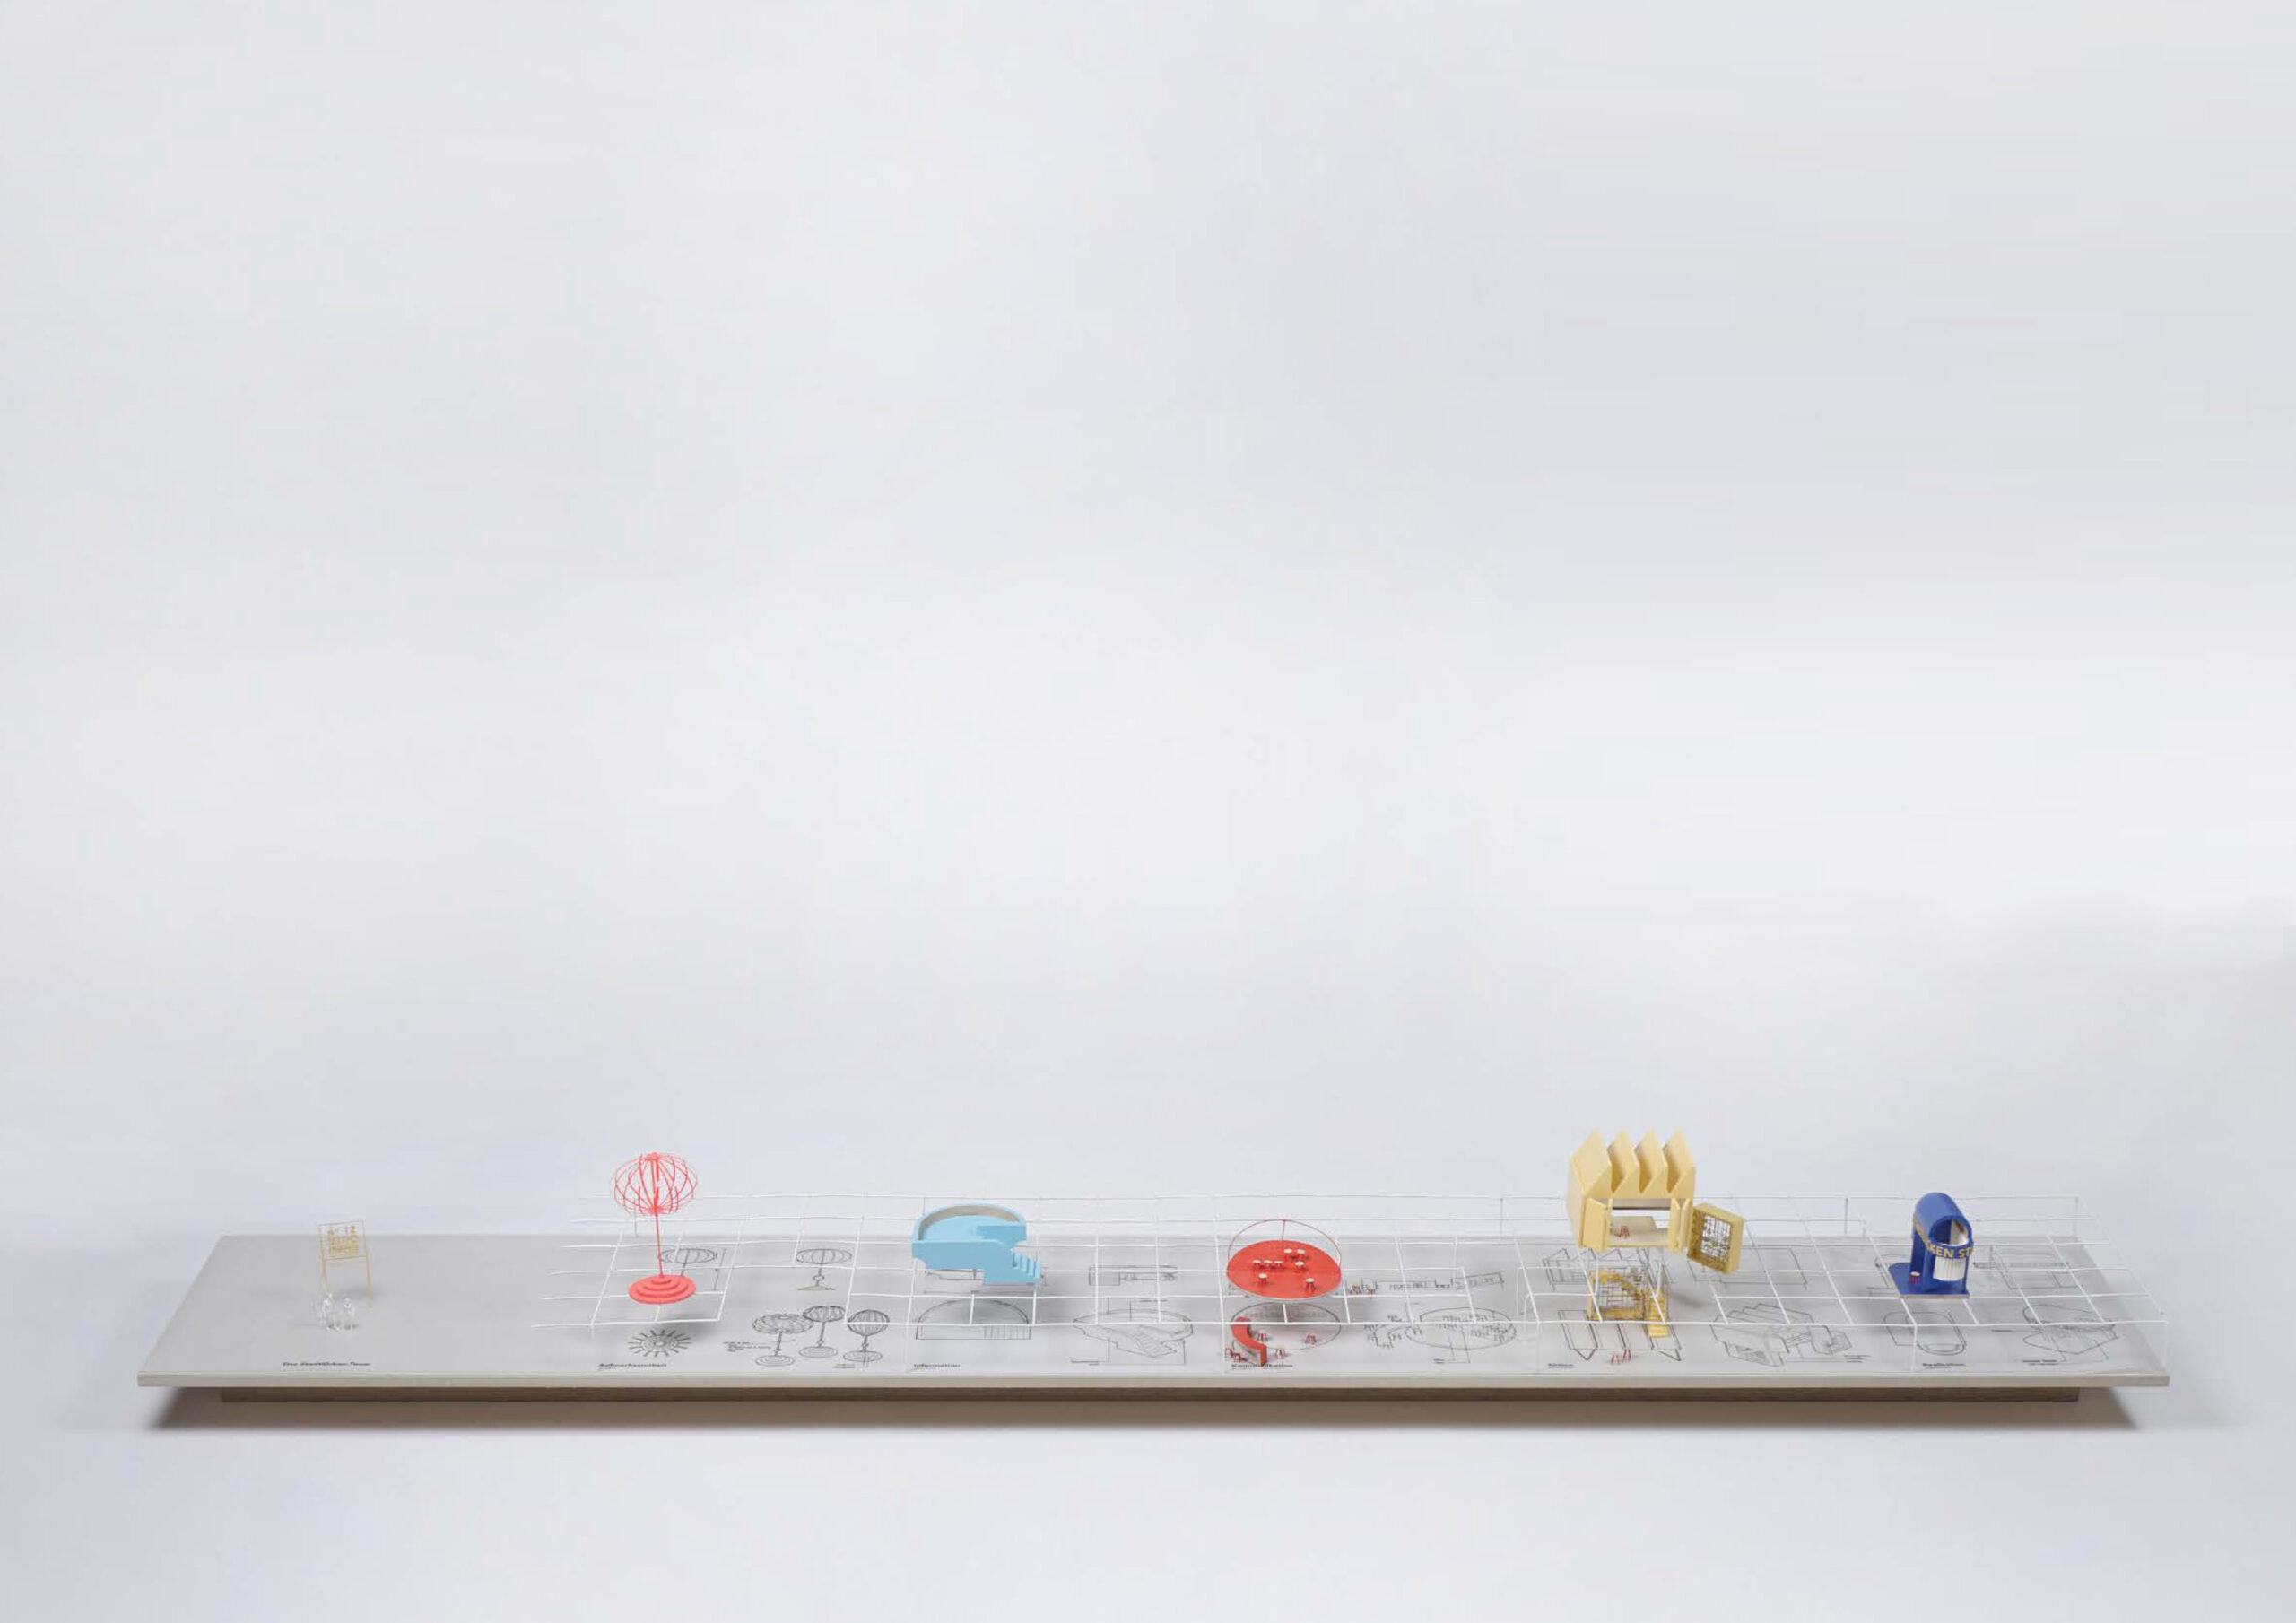 Sebastian Klawiter Stadtlücken Masterarbeit Stadtplanung Architektur Akademie der bildenen Künste Stuttgart